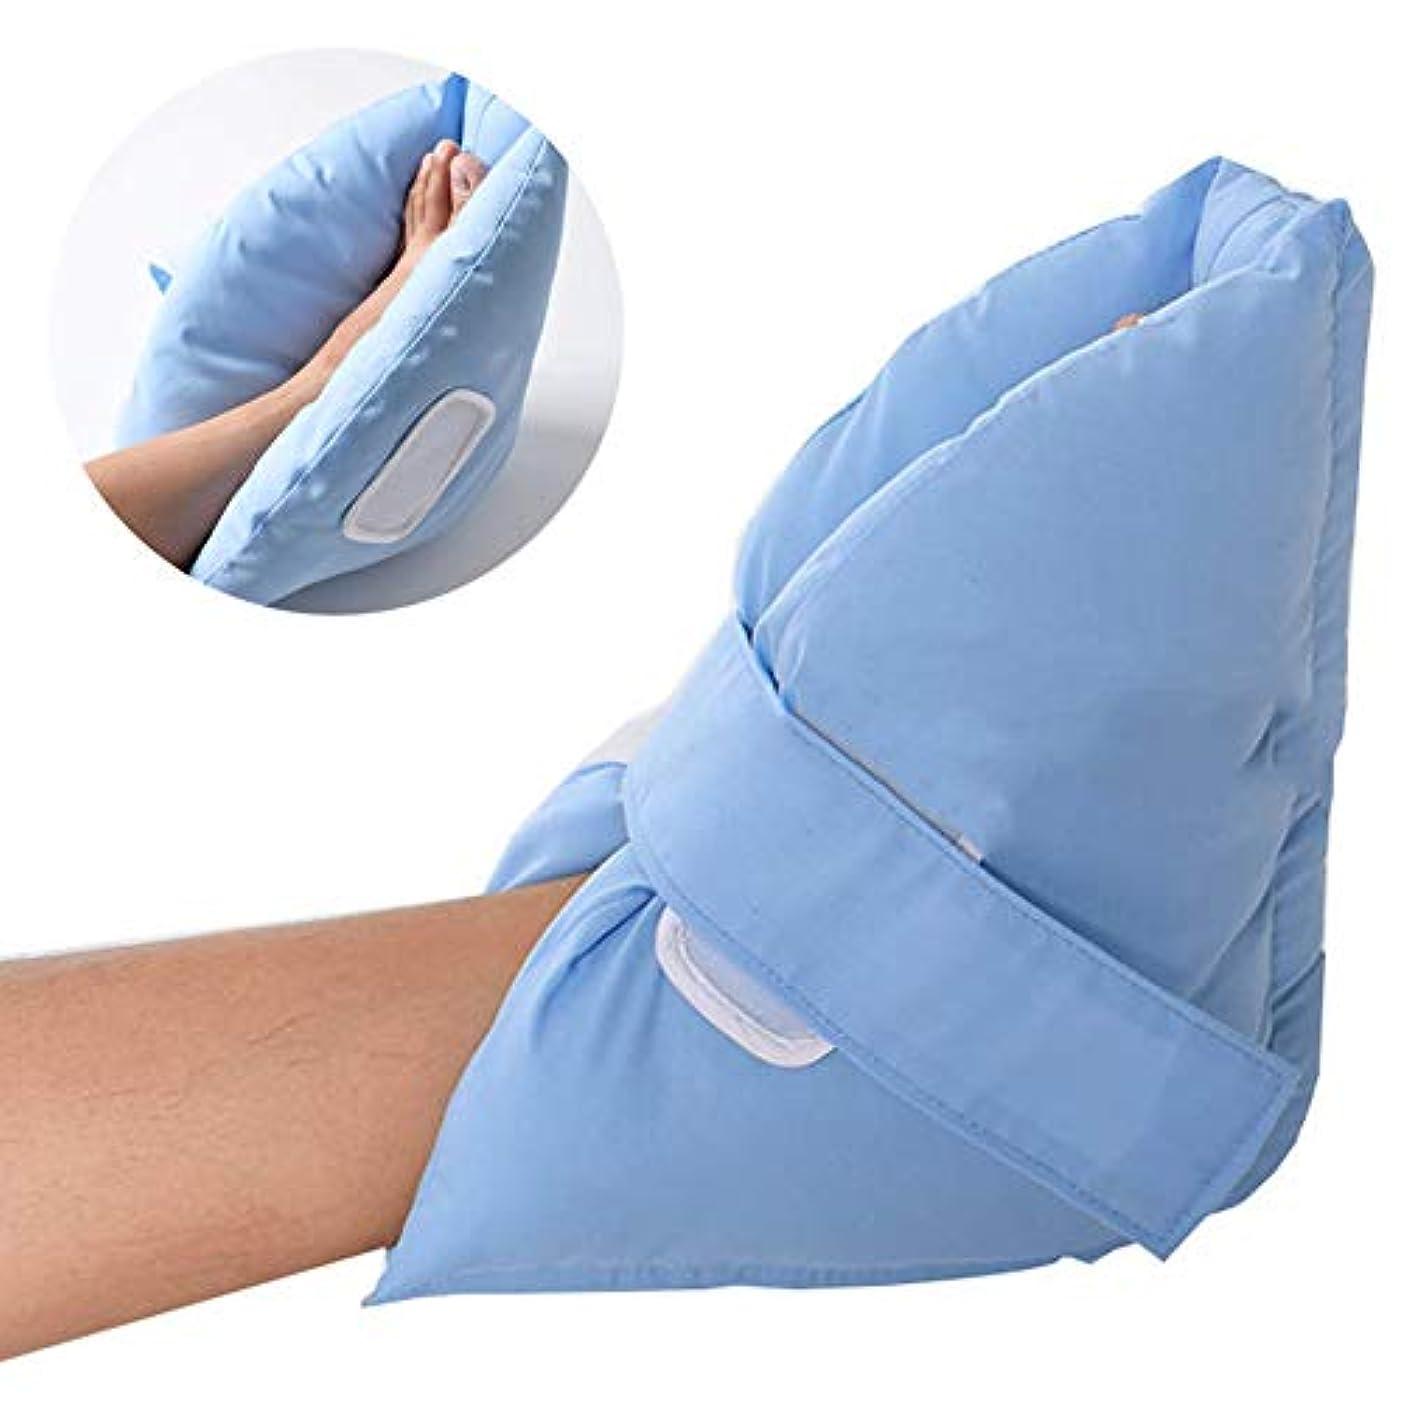 楽しい望むかもしれない足枕かかとクッションプロテクター 高弾性スポンジ充填潰瘍防止足のかかとの圧力を緩和1ペア